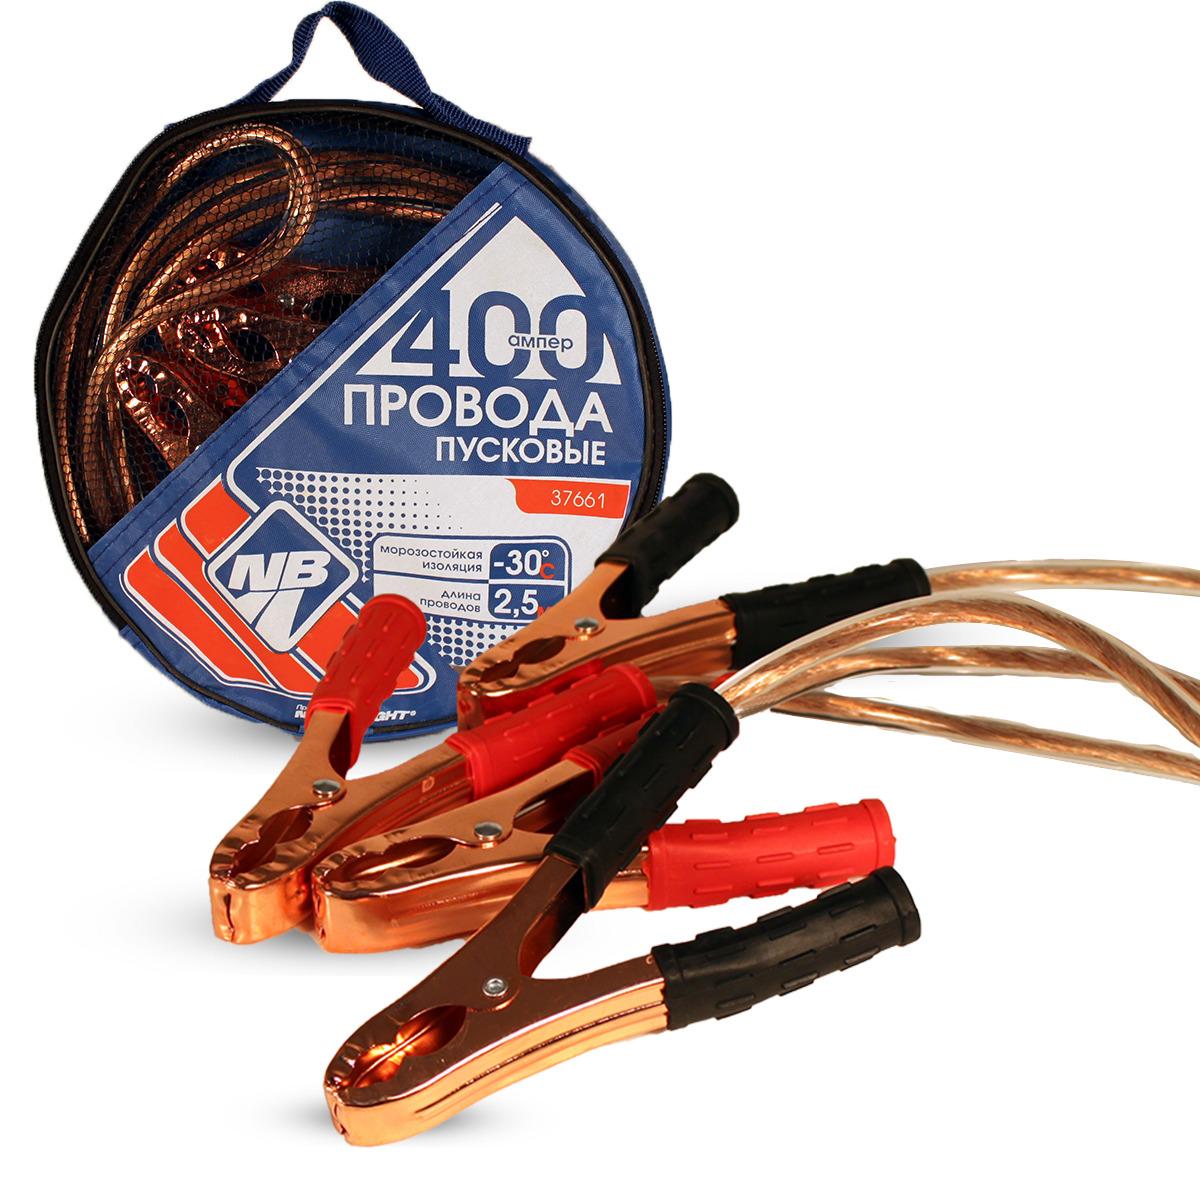 цена на Провода вспомогательного запуска Nova Bright, морозостойкие, с прозрачной изоляцией, 400 А, 37661, разноцветный, 2,5 м